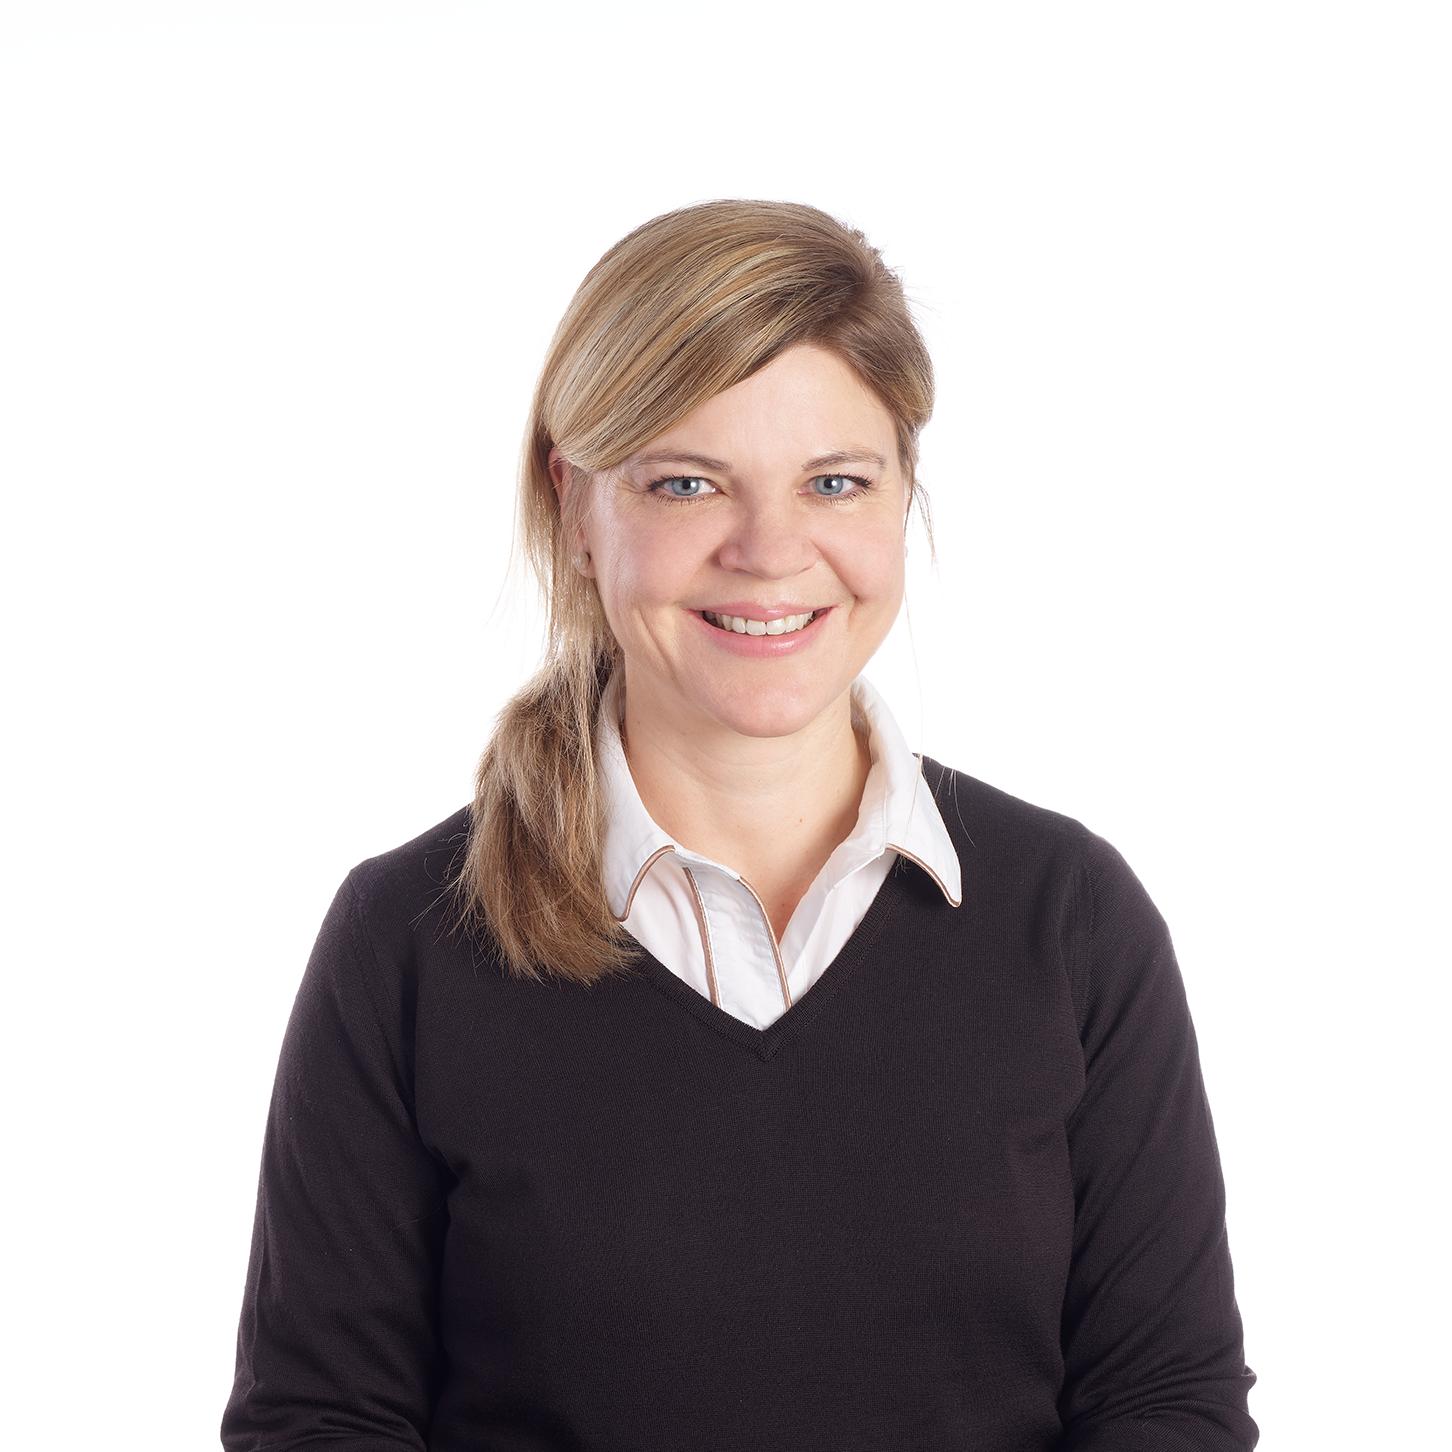 Sonja Seeholzer